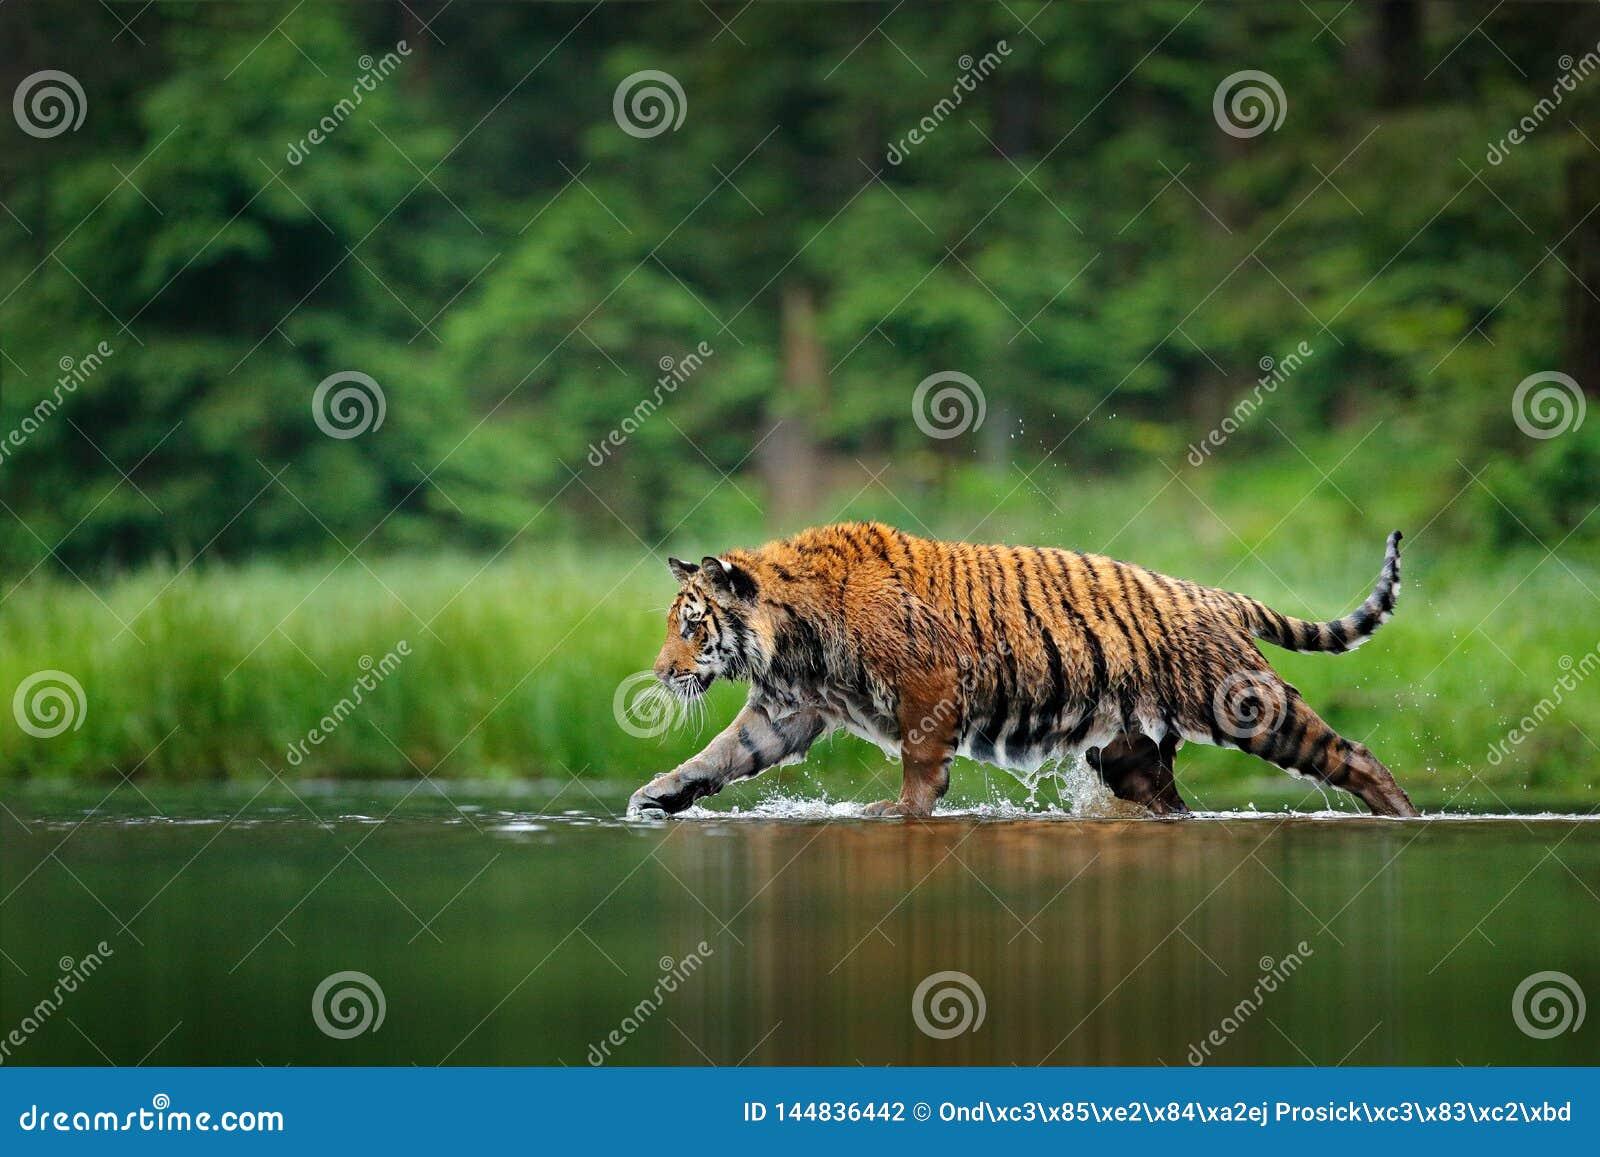 Amurtijger die in het water lopen Gevaarlijk dier, tajga, Rusland Dier in groene bosstroom Grey Stone, rivierdruppeltje